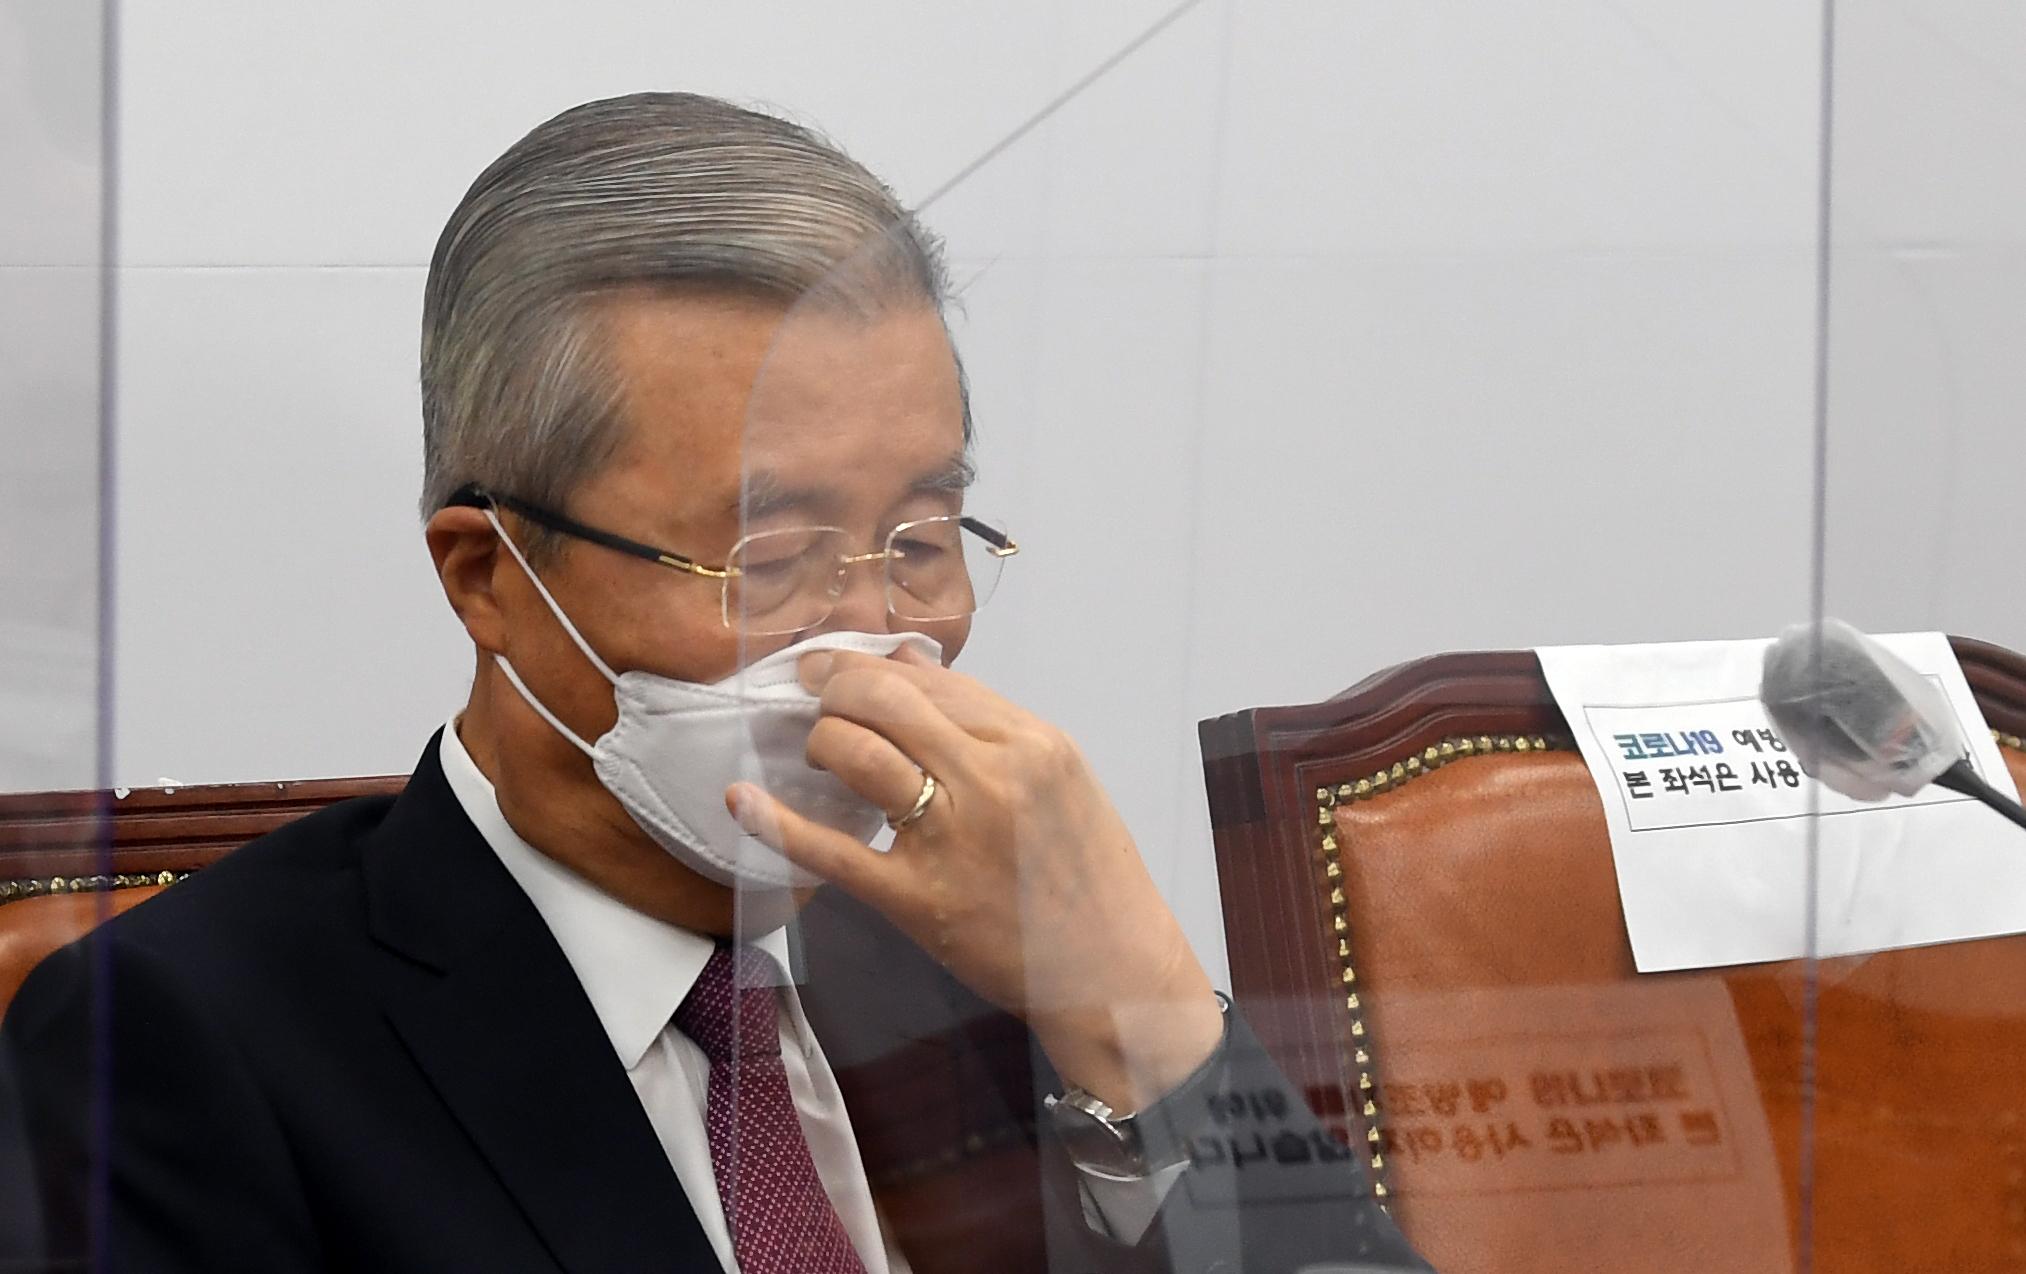 국민의힘 김종인 비상대책위원장이 10일 오전 국회에서 열린 비상대책위원회의에 참석했다. 연합뉴스